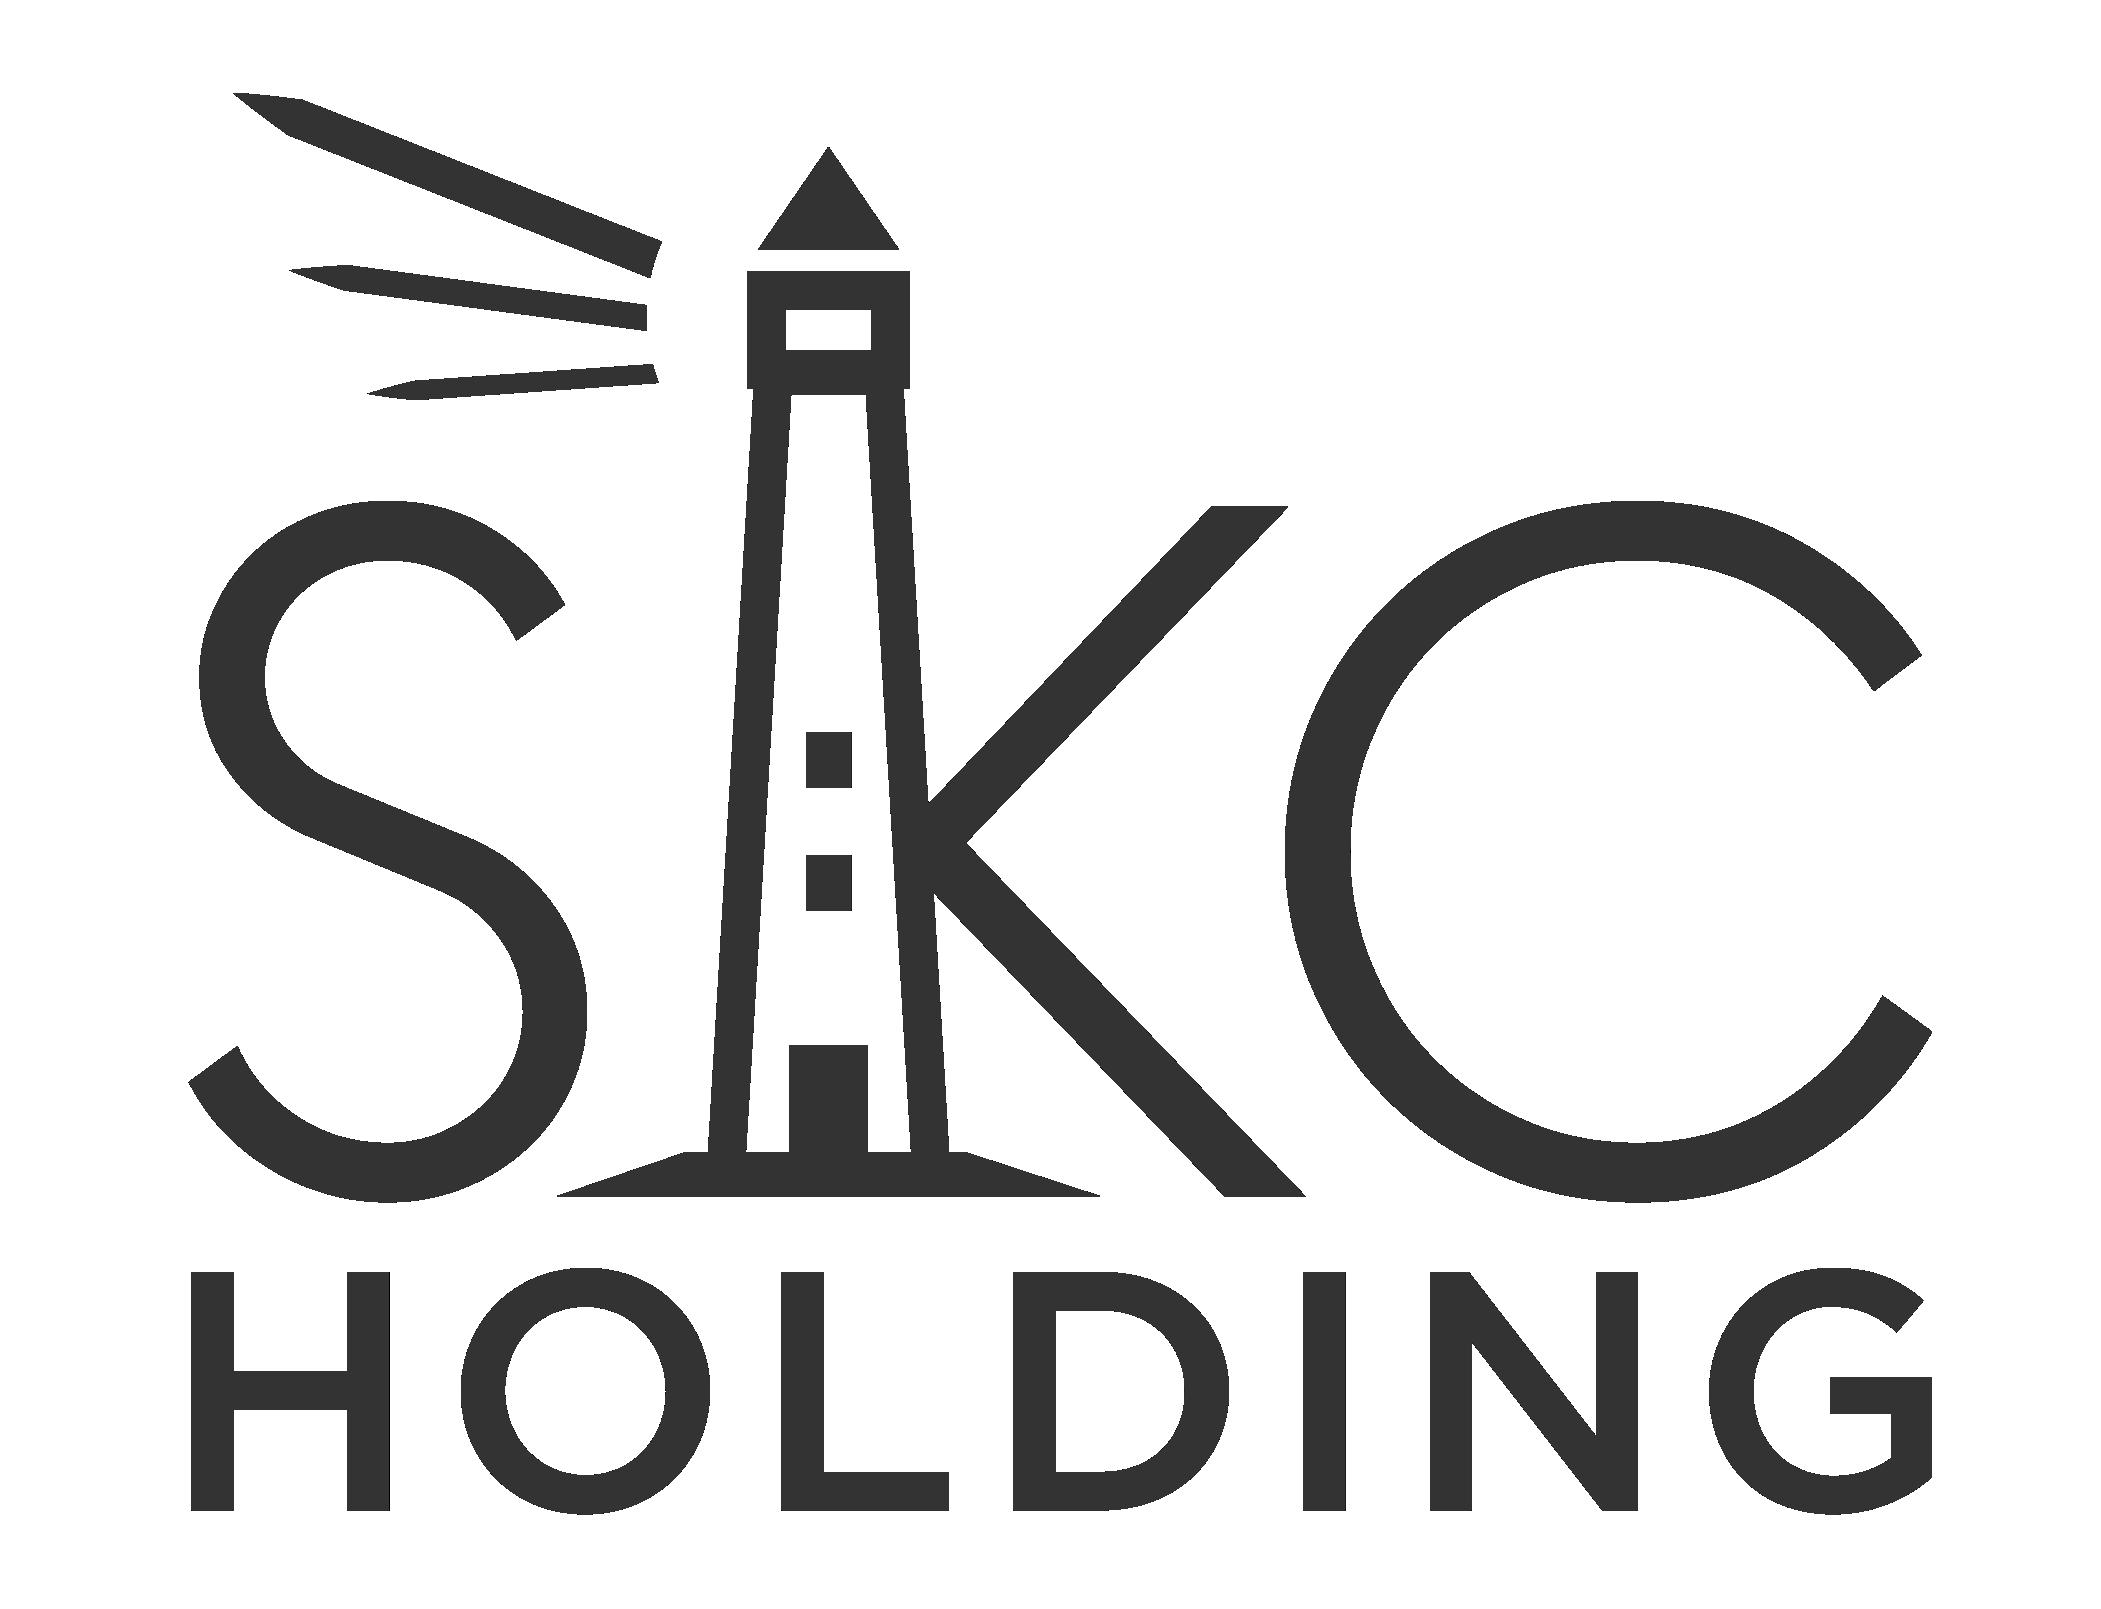 SKC HOLDING